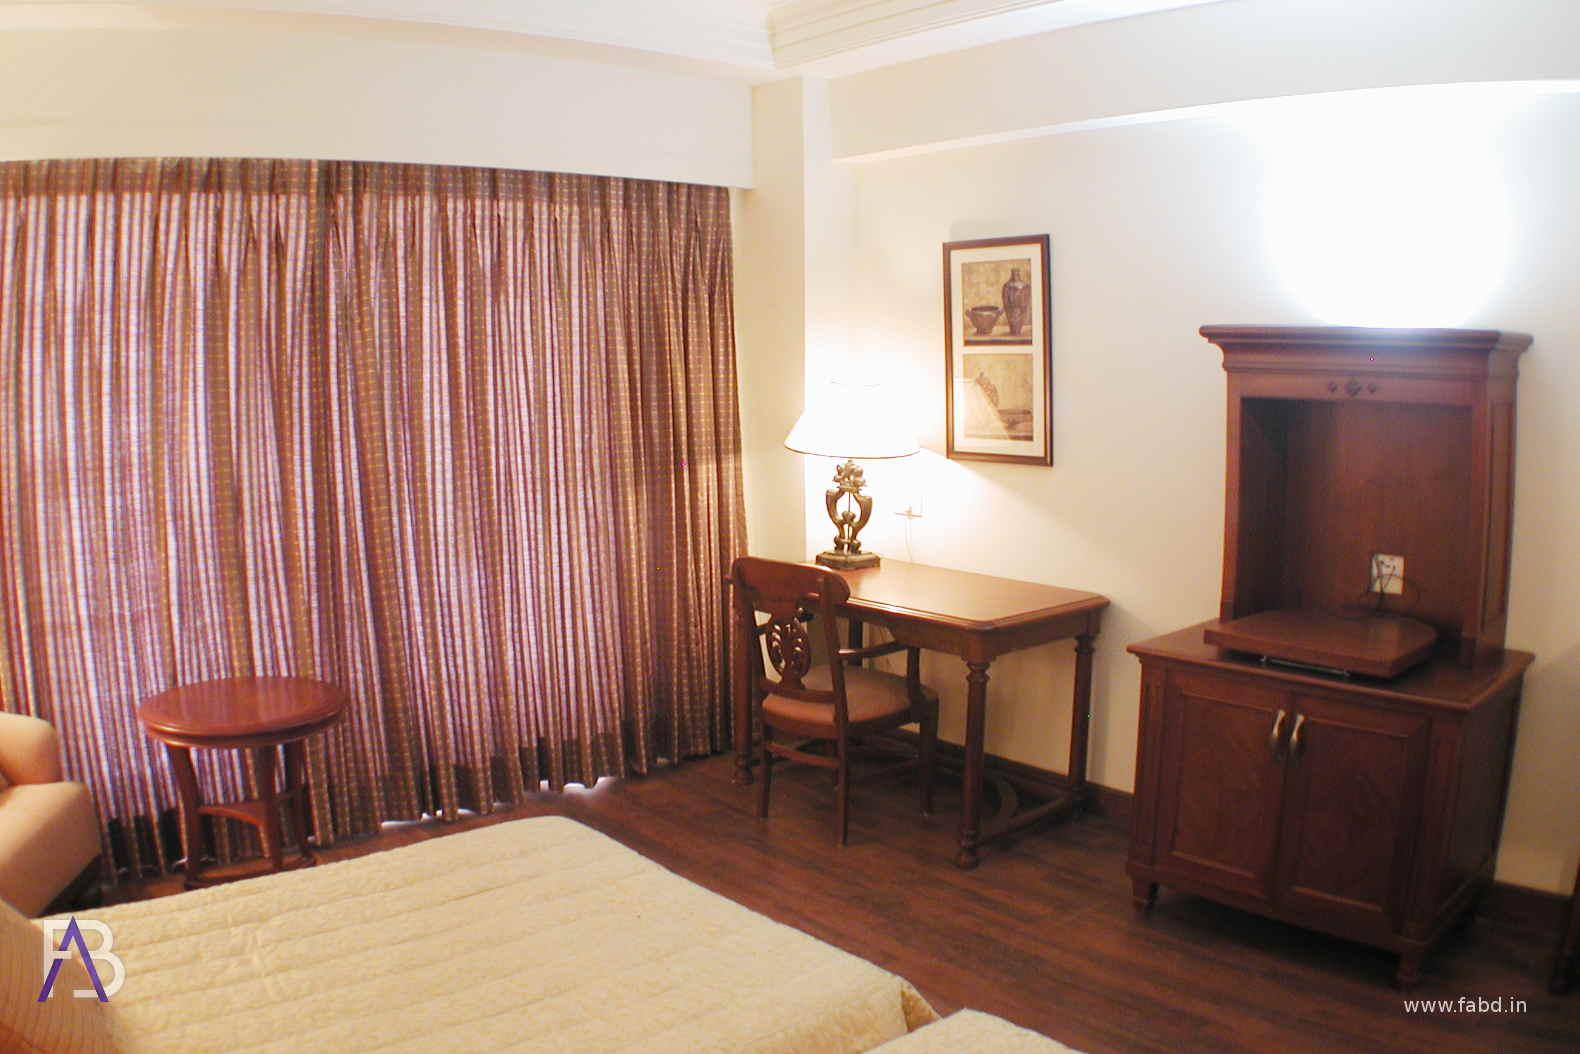 Bedroom Interior View 04